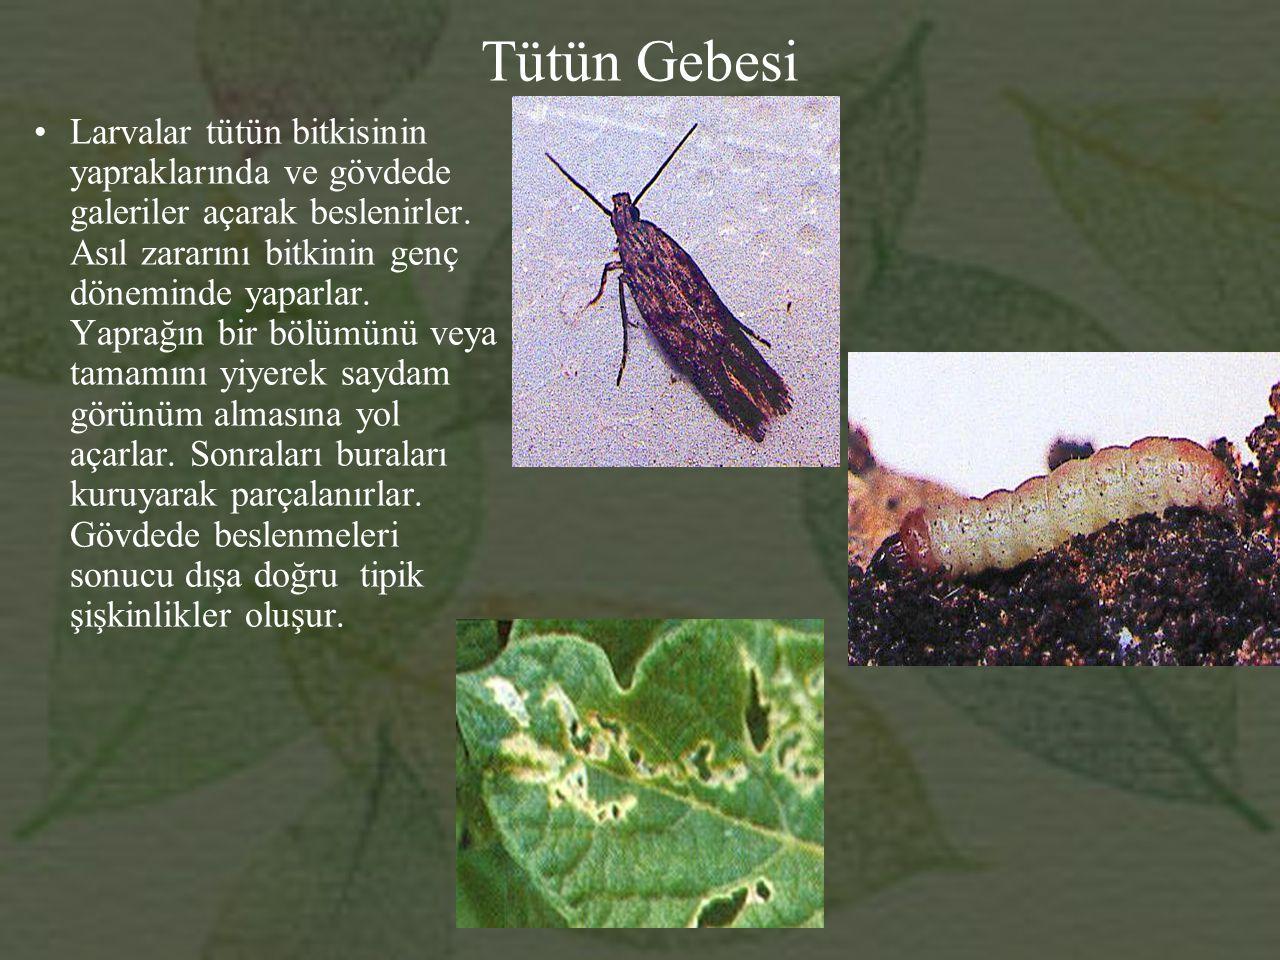 Tütün Gebesi Larvalar tütün bitkisinin yapraklarında ve gövdede galeriler açarak beslenirler.